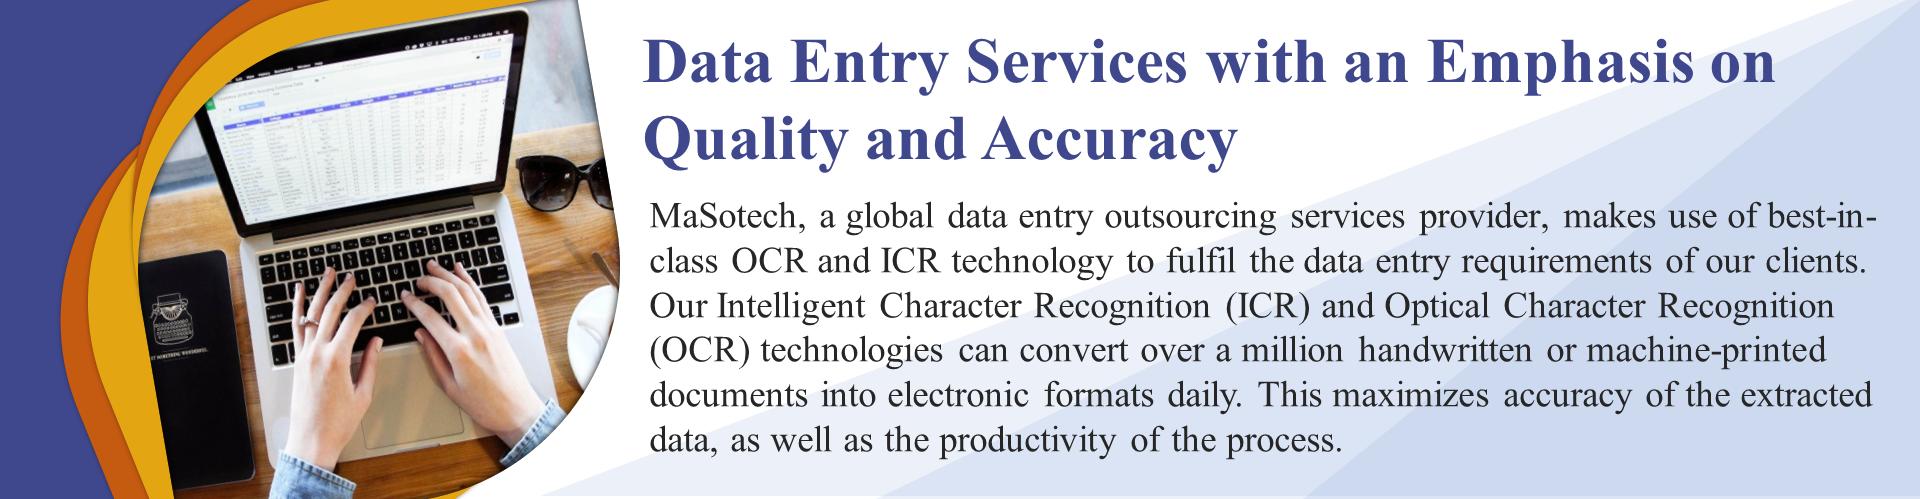 dataintery